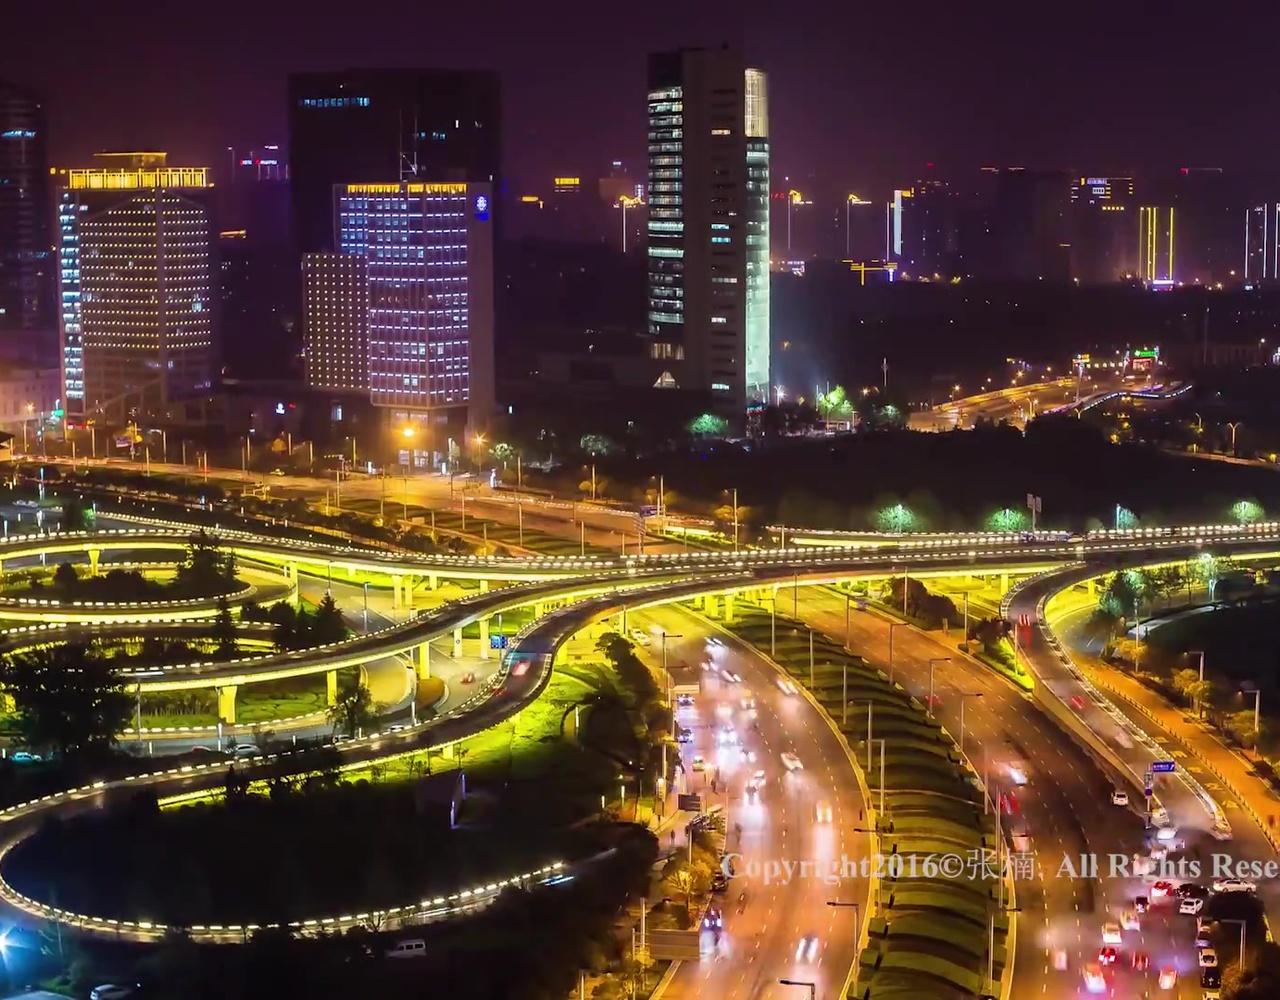 一部用延时摄影记录郑州夜景的片子——夜·郑·美